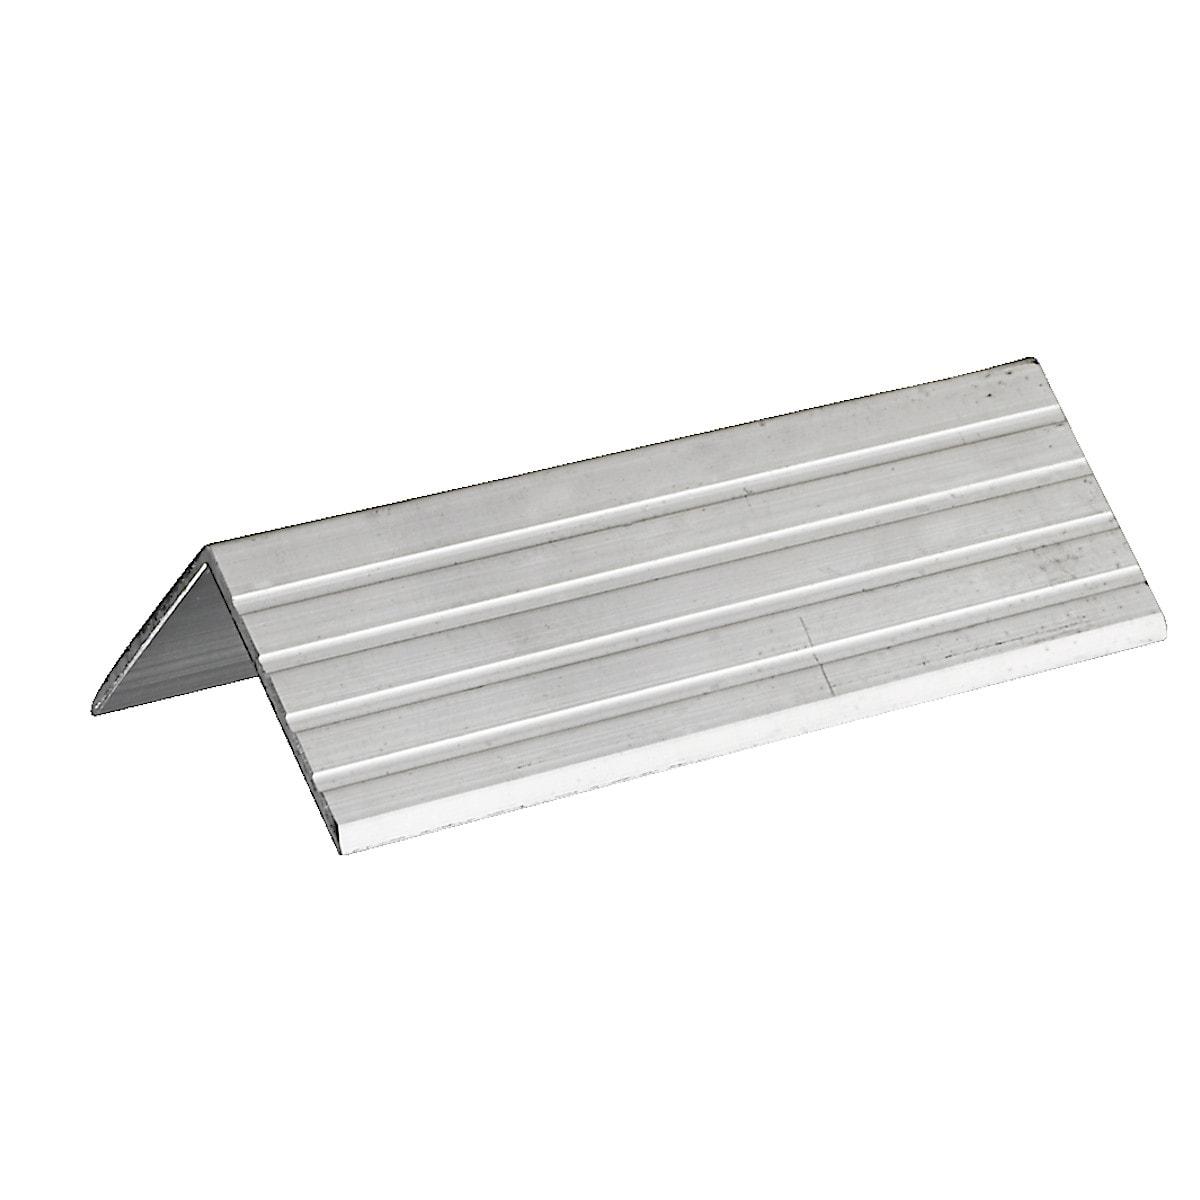 Alumiininen laatikon kulmalista